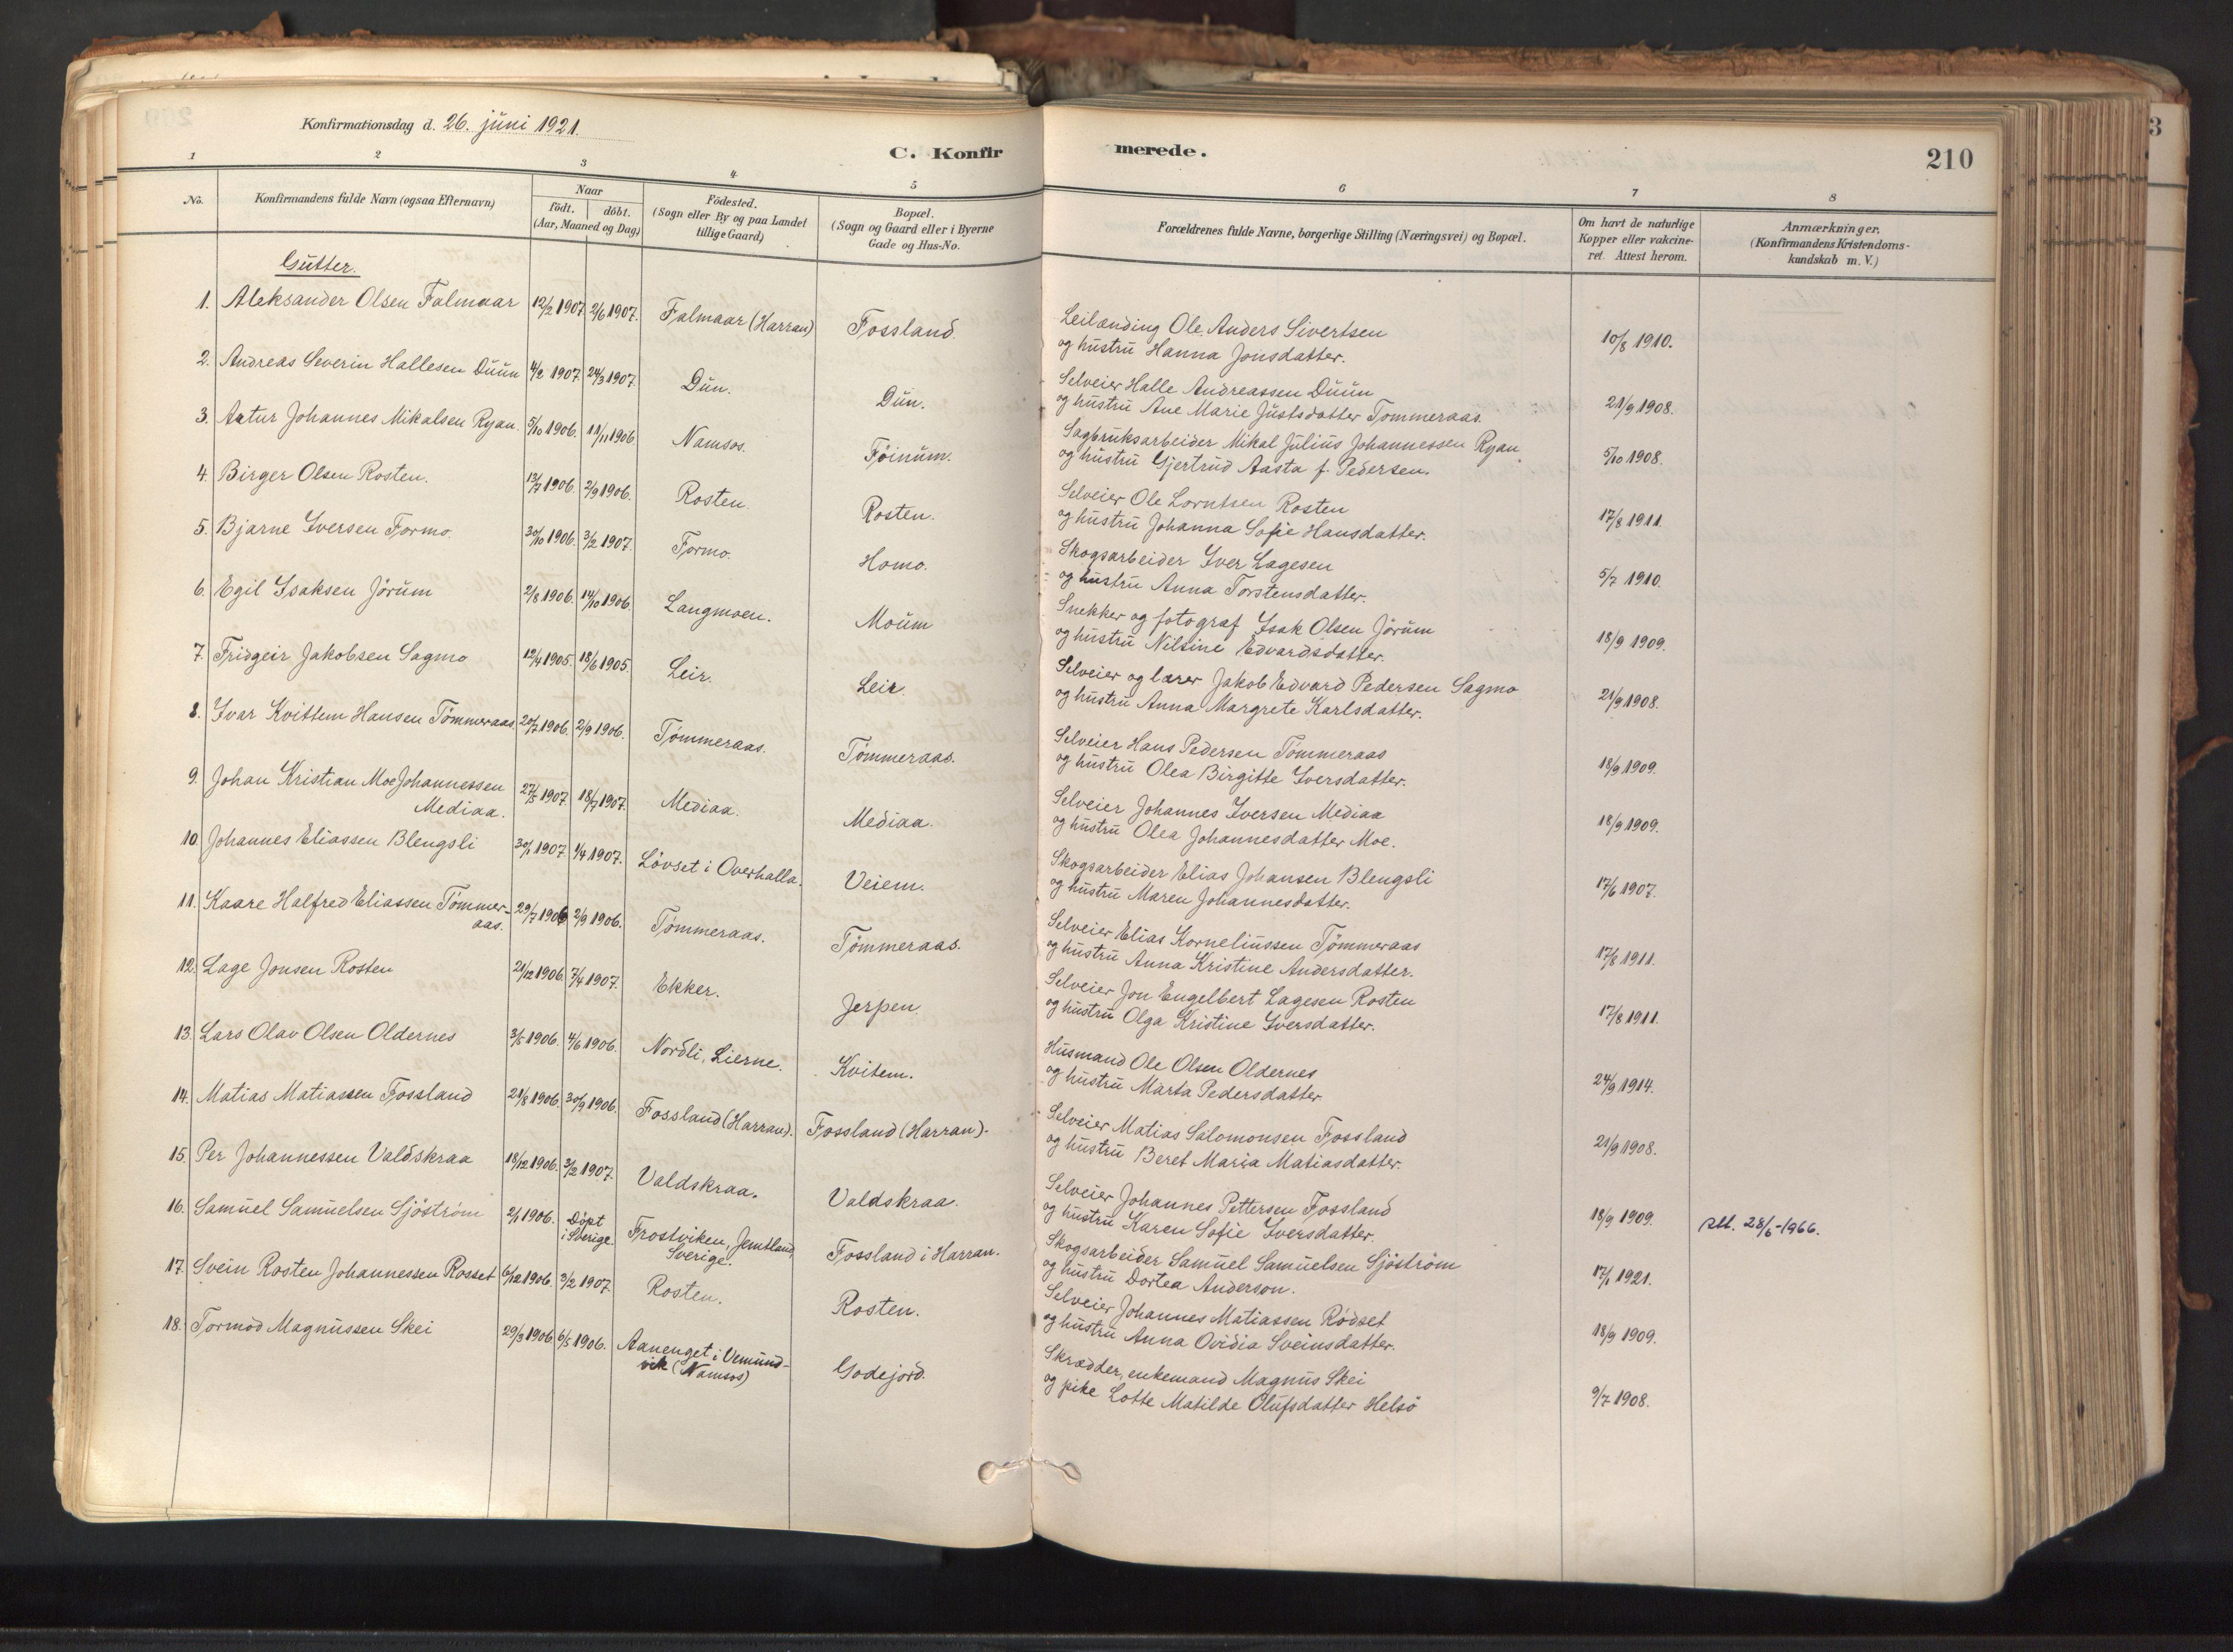 SAT, Ministerialprotokoller, klokkerbøker og fødselsregistre - Nord-Trøndelag, 758/L0519: Ministerialbok nr. 758A04, 1880-1926, s. 210